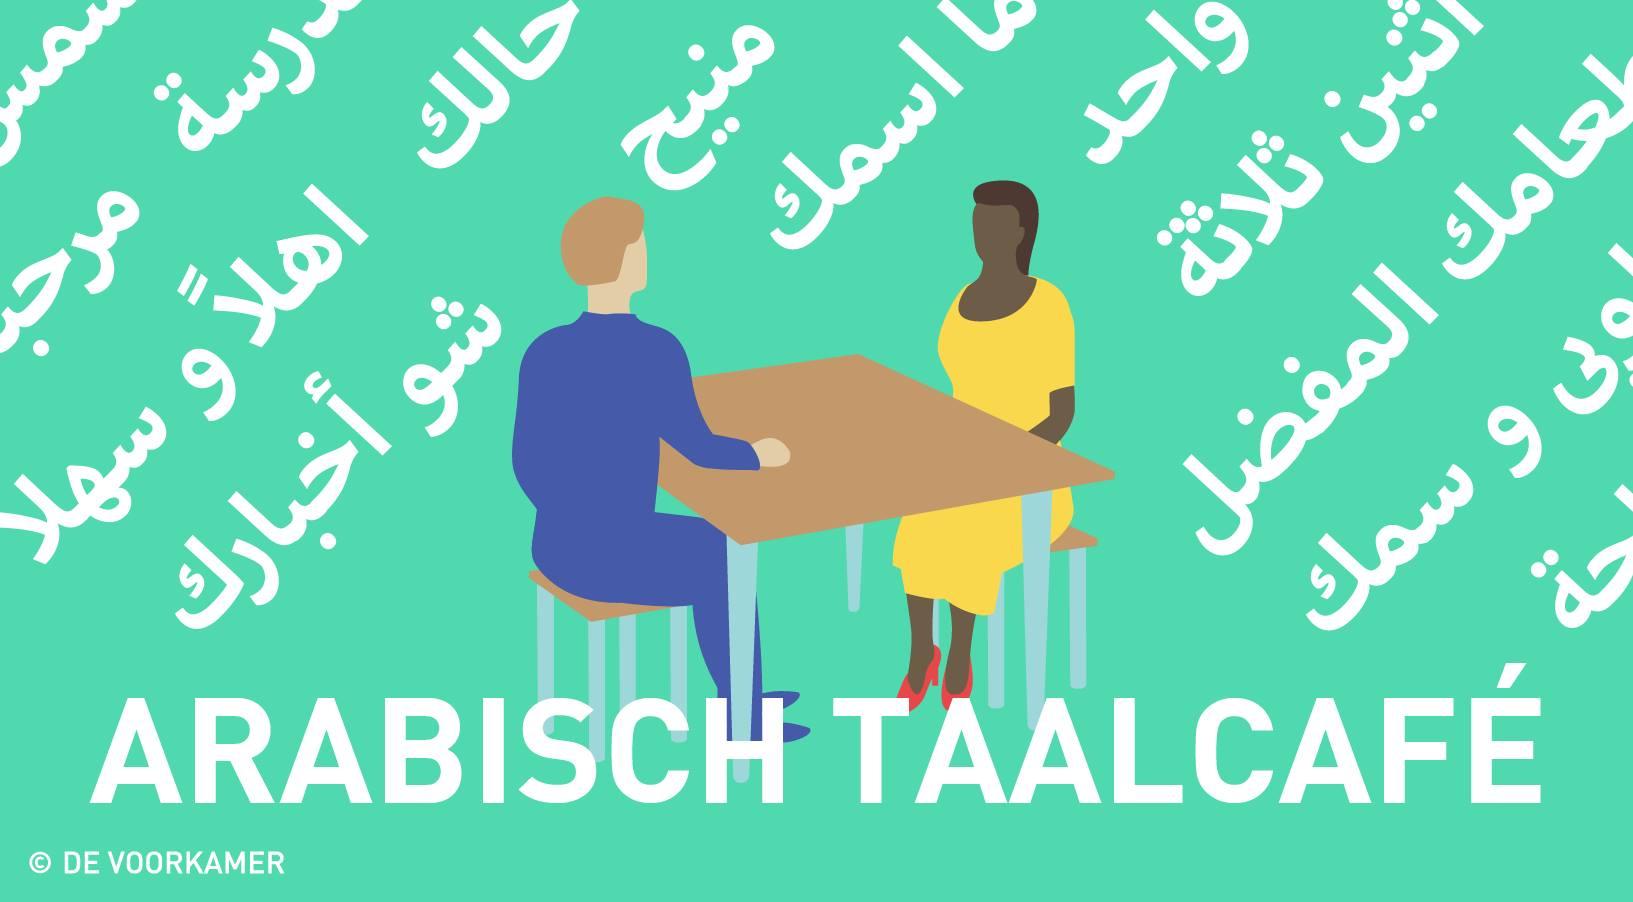 Arabisch Taalcafé